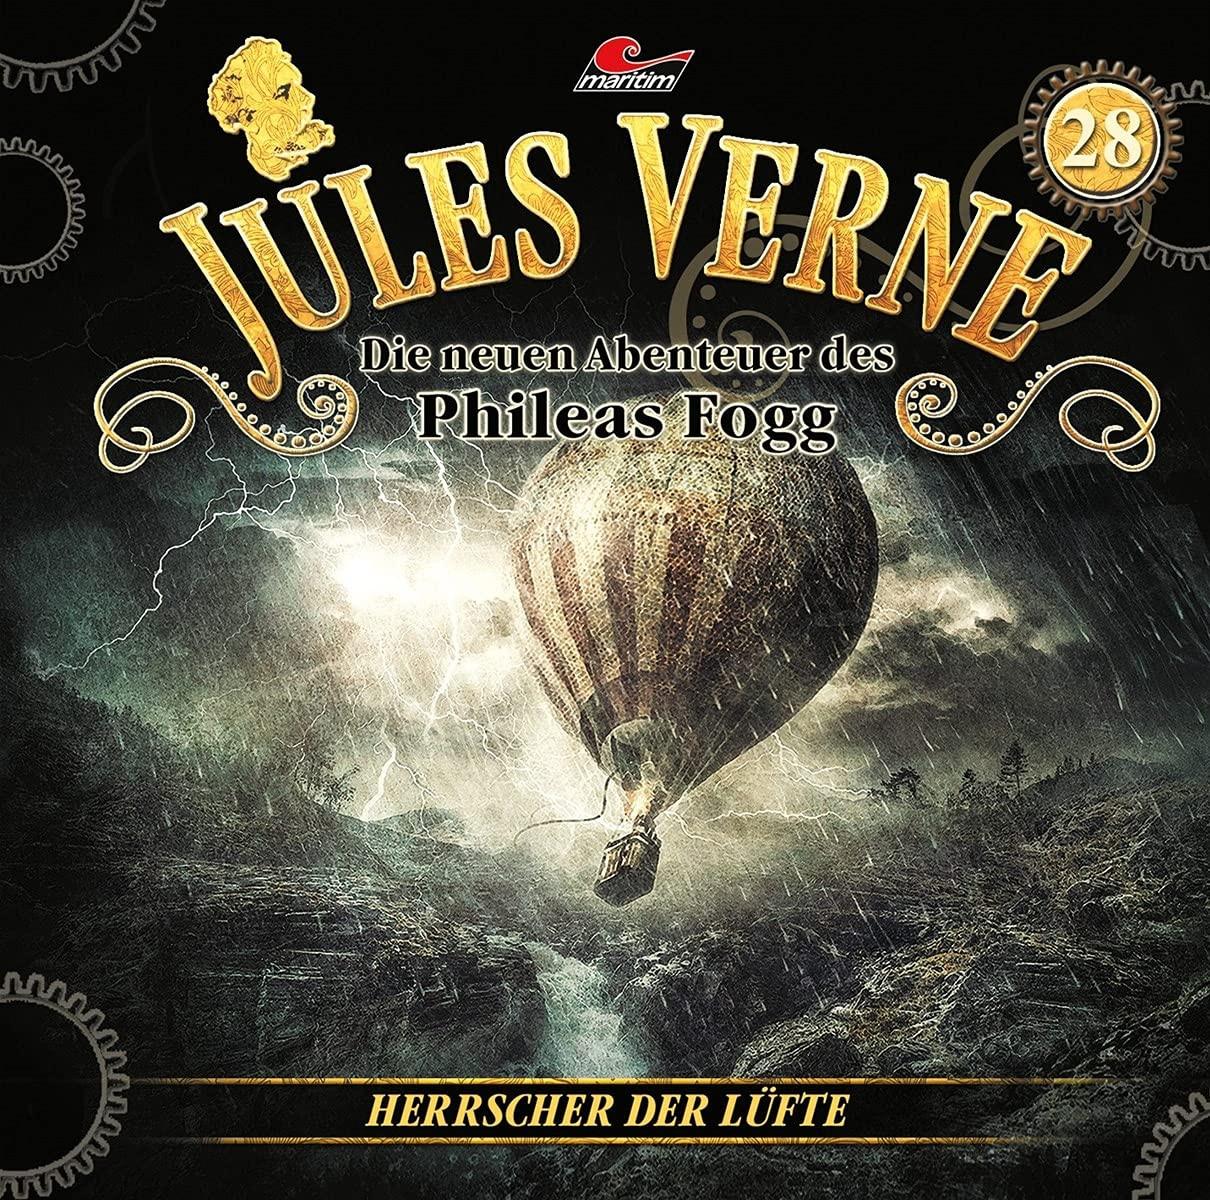 Jules Verne - Folge 28: Herrscher der Lüfte